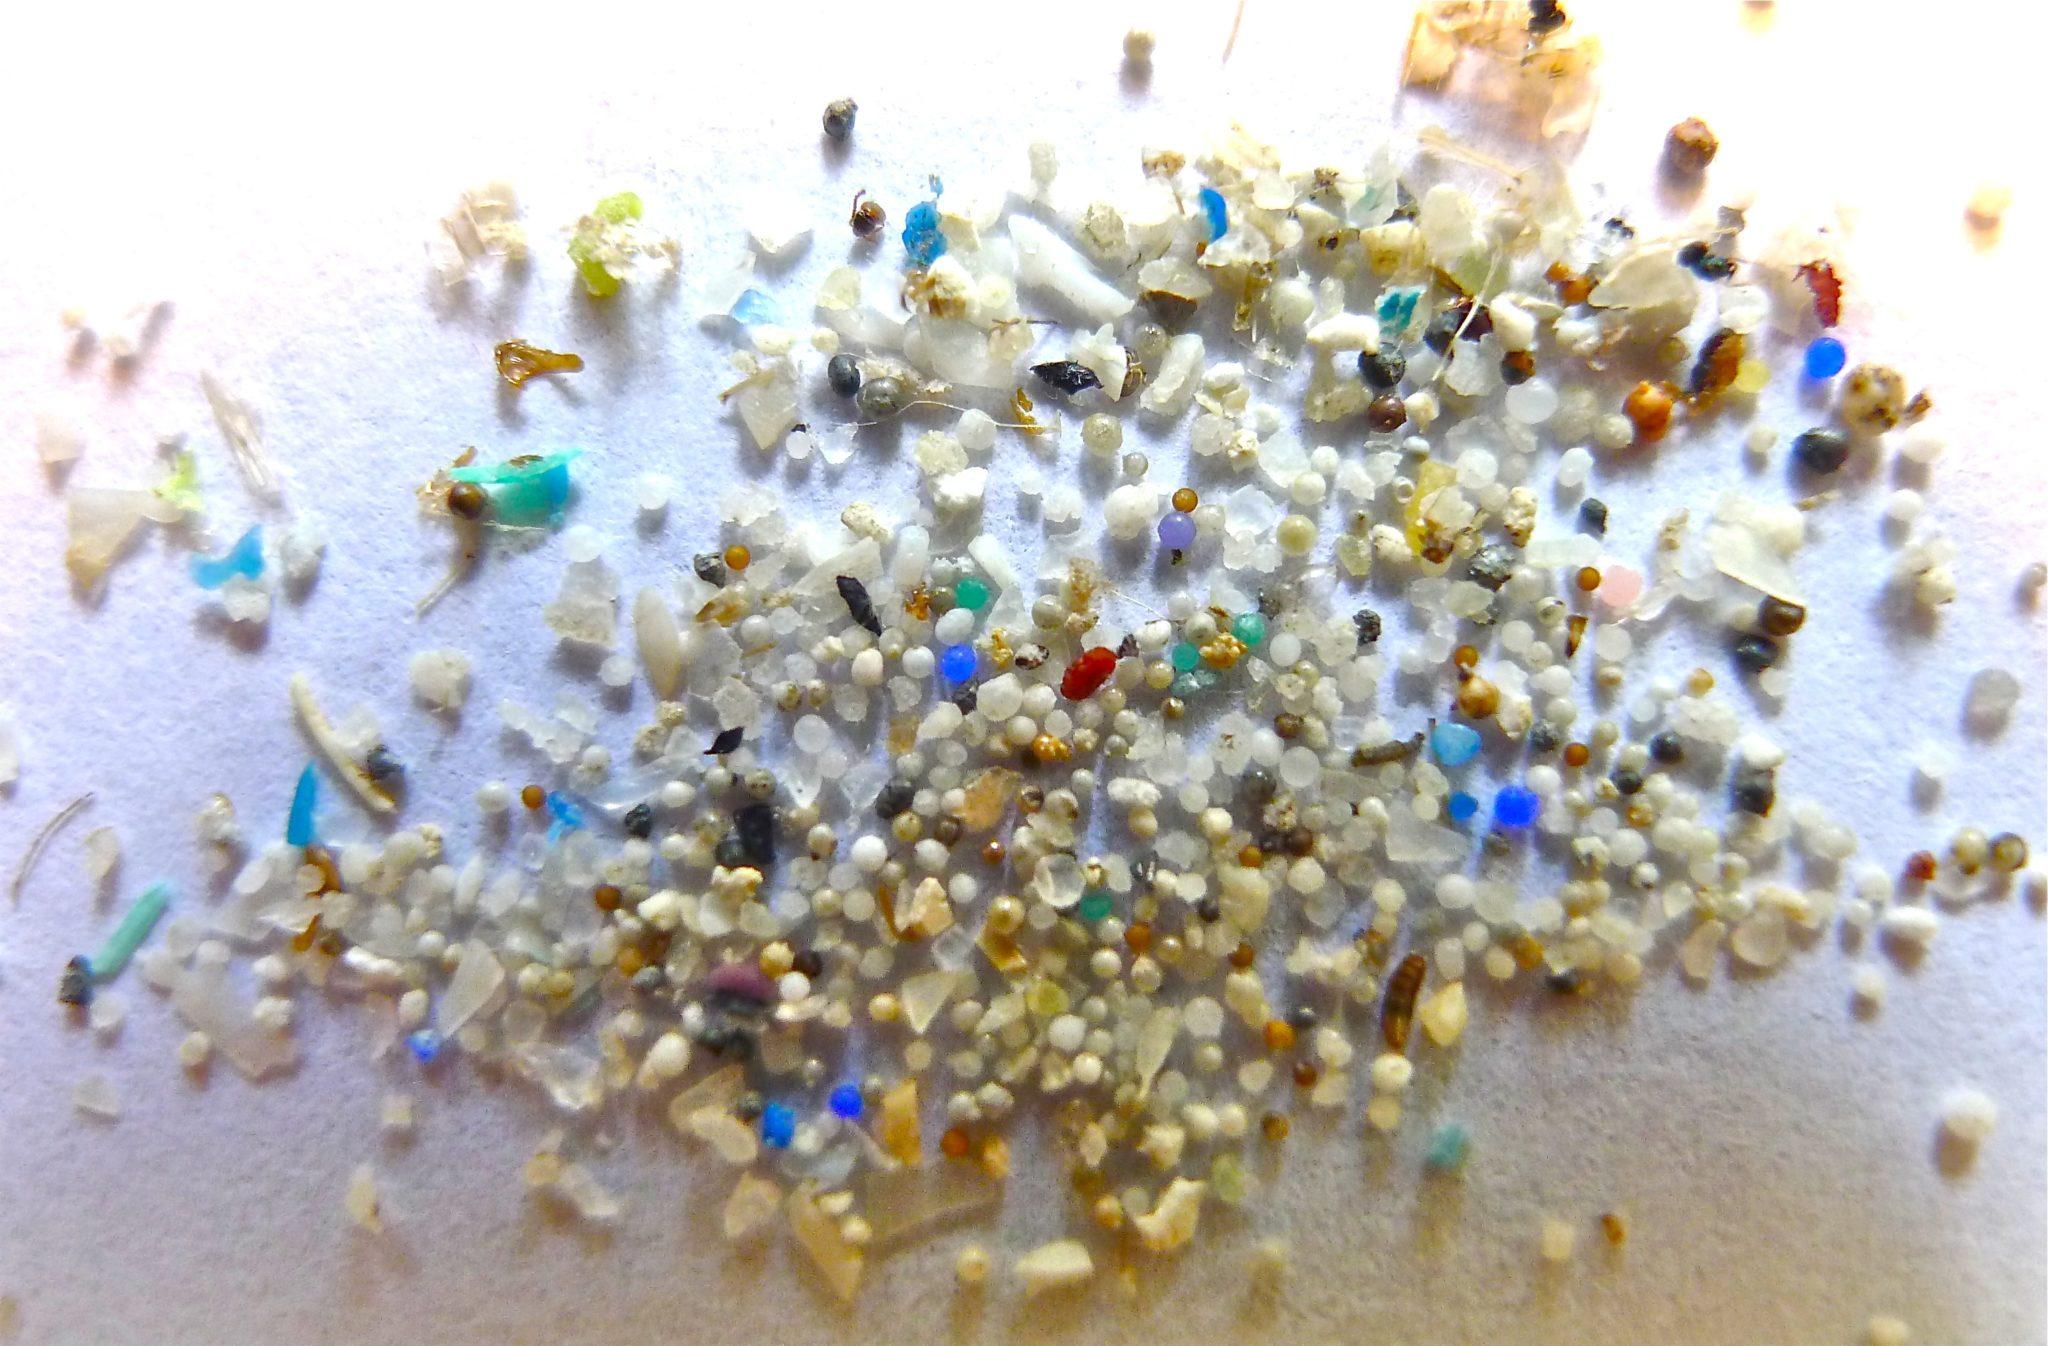 ganz viele kleine Sandkörner und Mikroplastik liegt auf einer hellen Unterlage